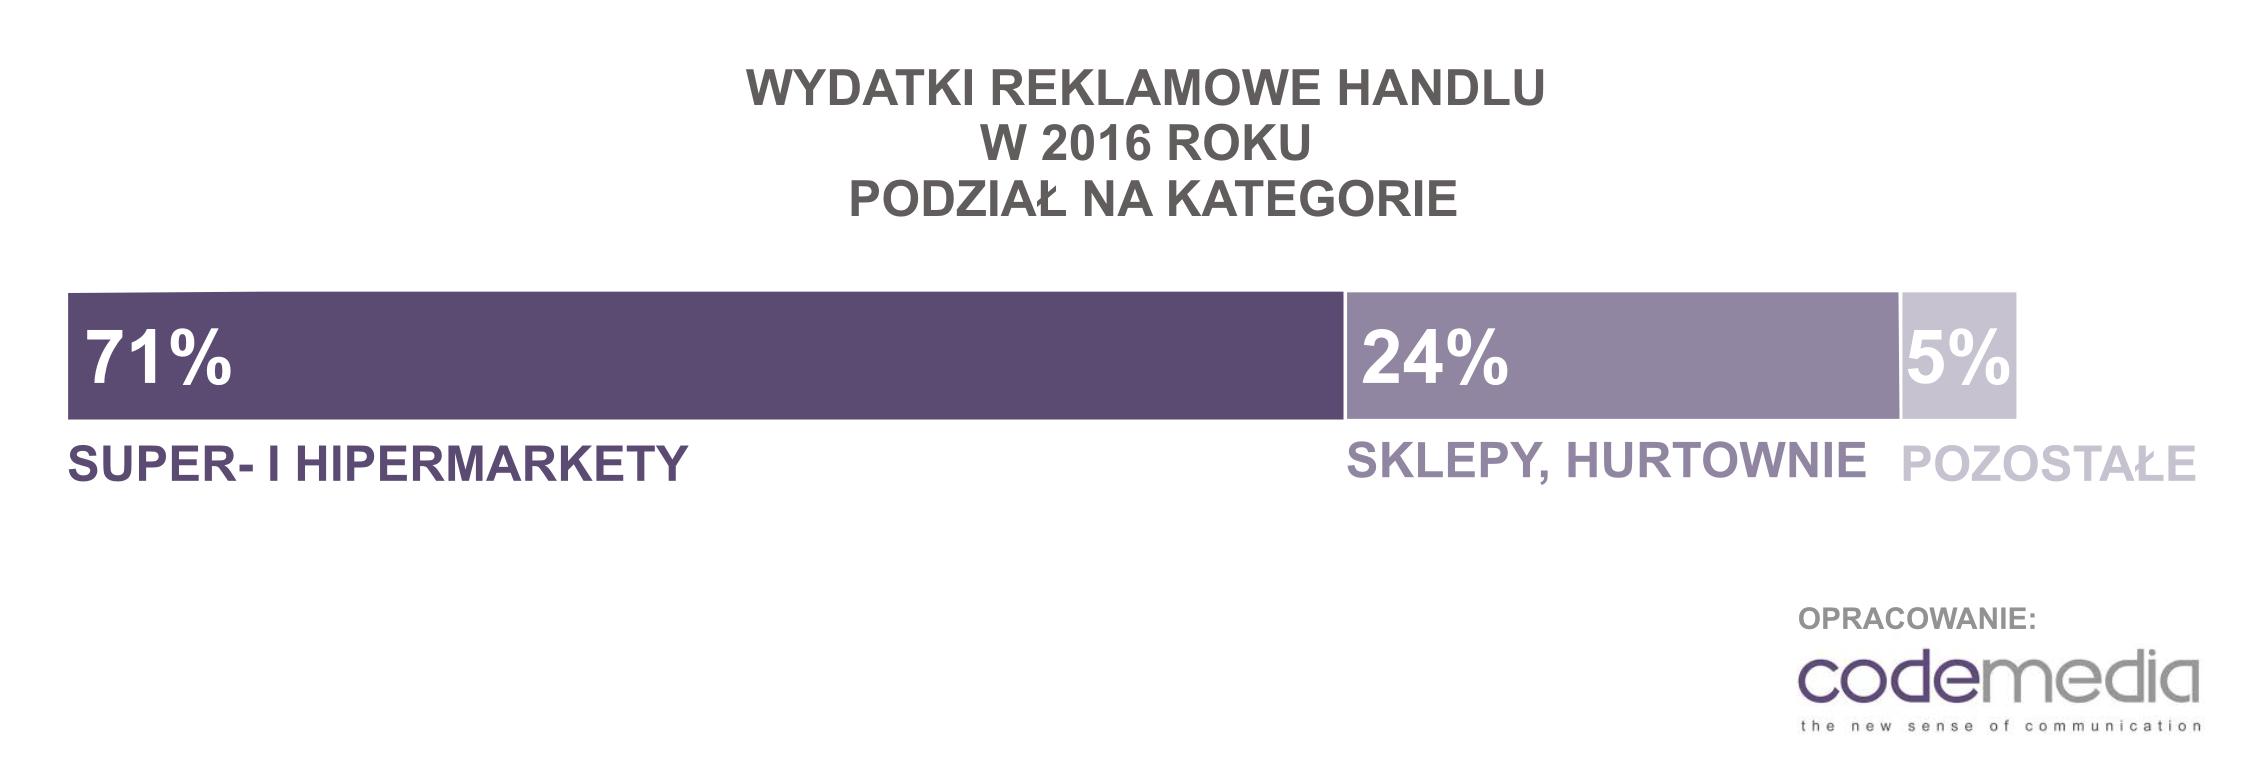 Codemedia_wydatki_reklamowe_handel_2016_podział_na_kategorie